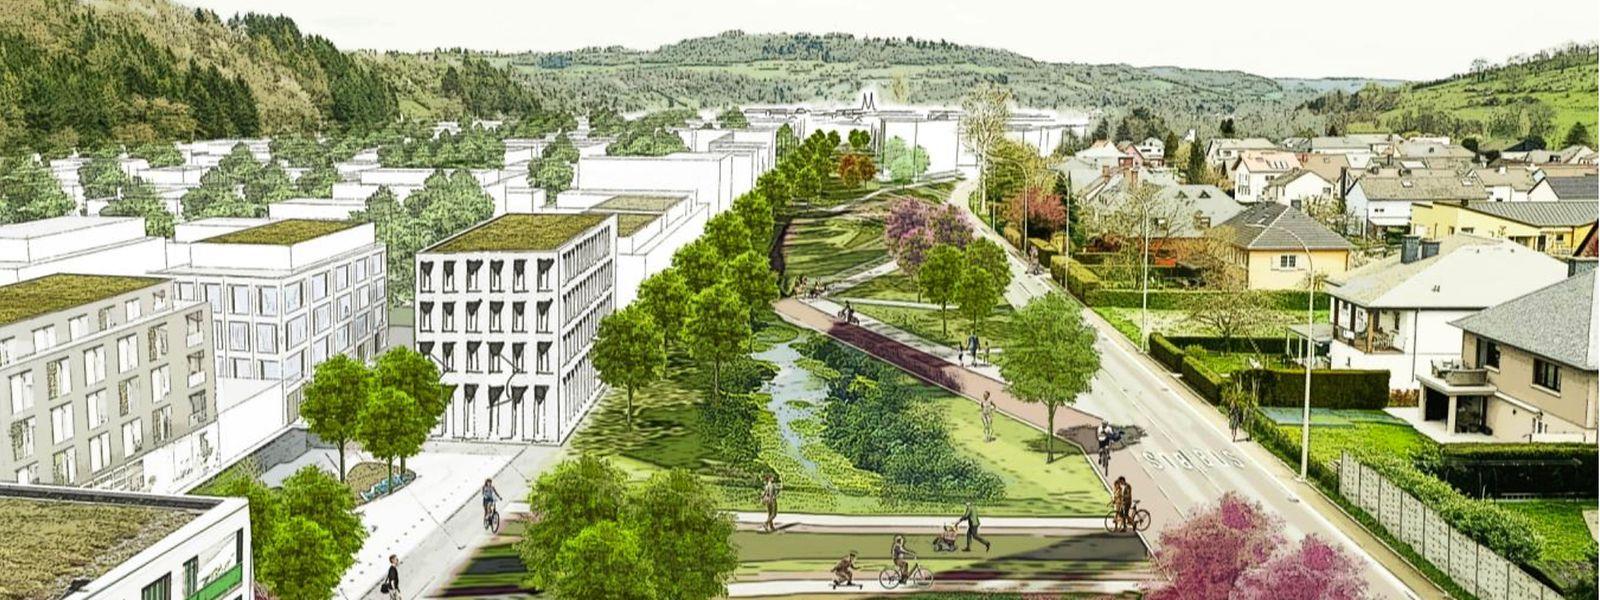 Un des impacts du réaménagement voulu pour les 5 communes de la Nordstad serait notamment le déplacement de la ligne ferroviaire et de la N7 au pied du Goldknapp.